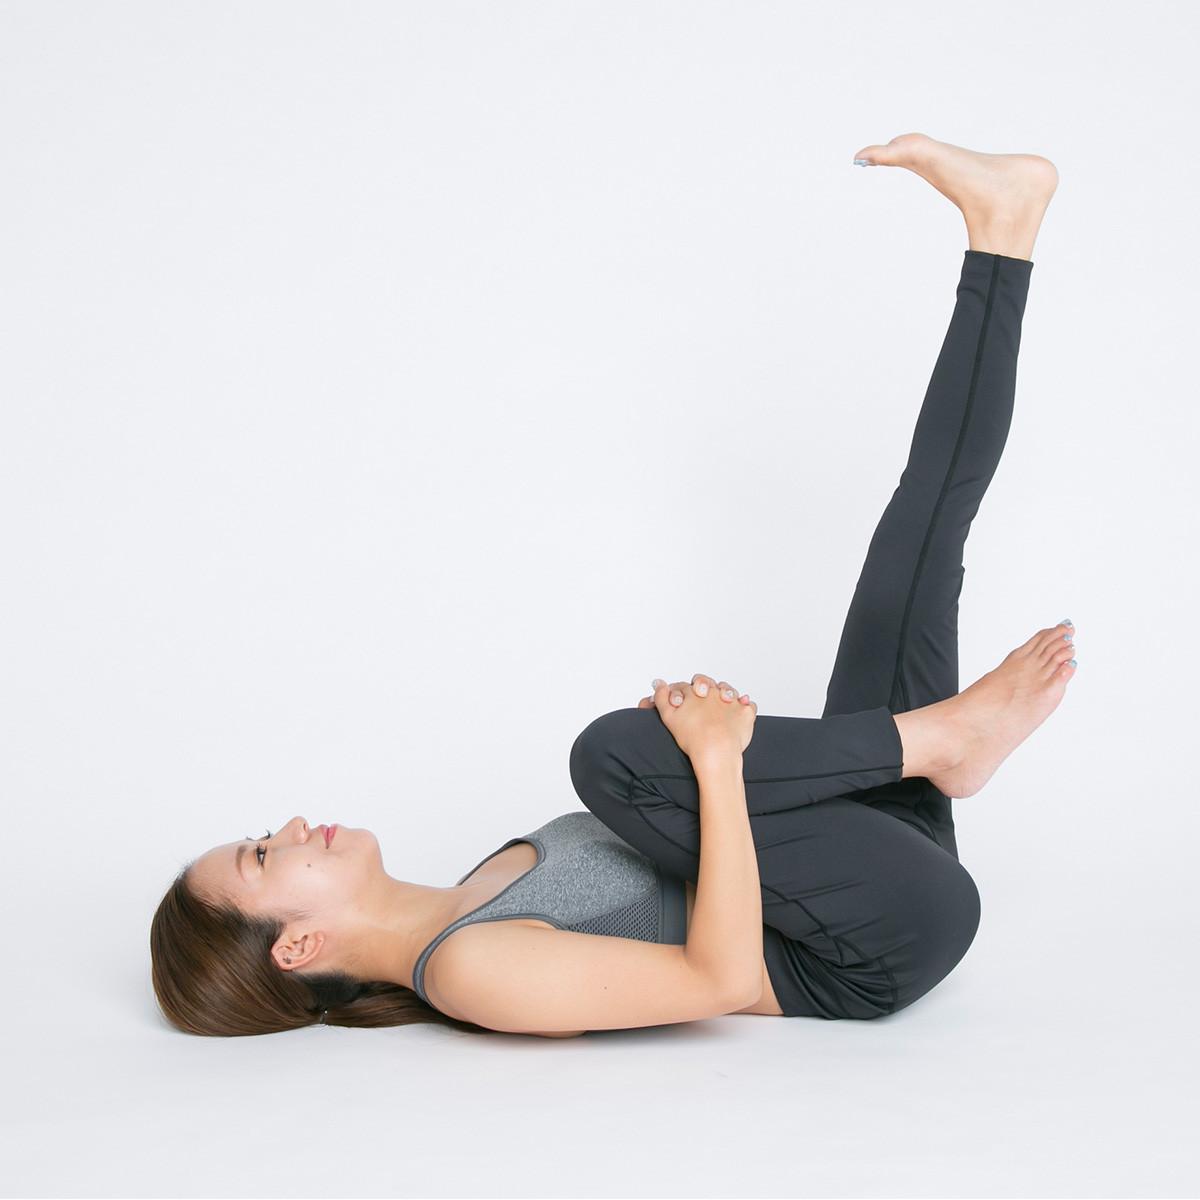 ヒップアップ、美脚にも!腸を正しい位置へ戻して筋力強化【美腸エクササイズLesson2】_1_1